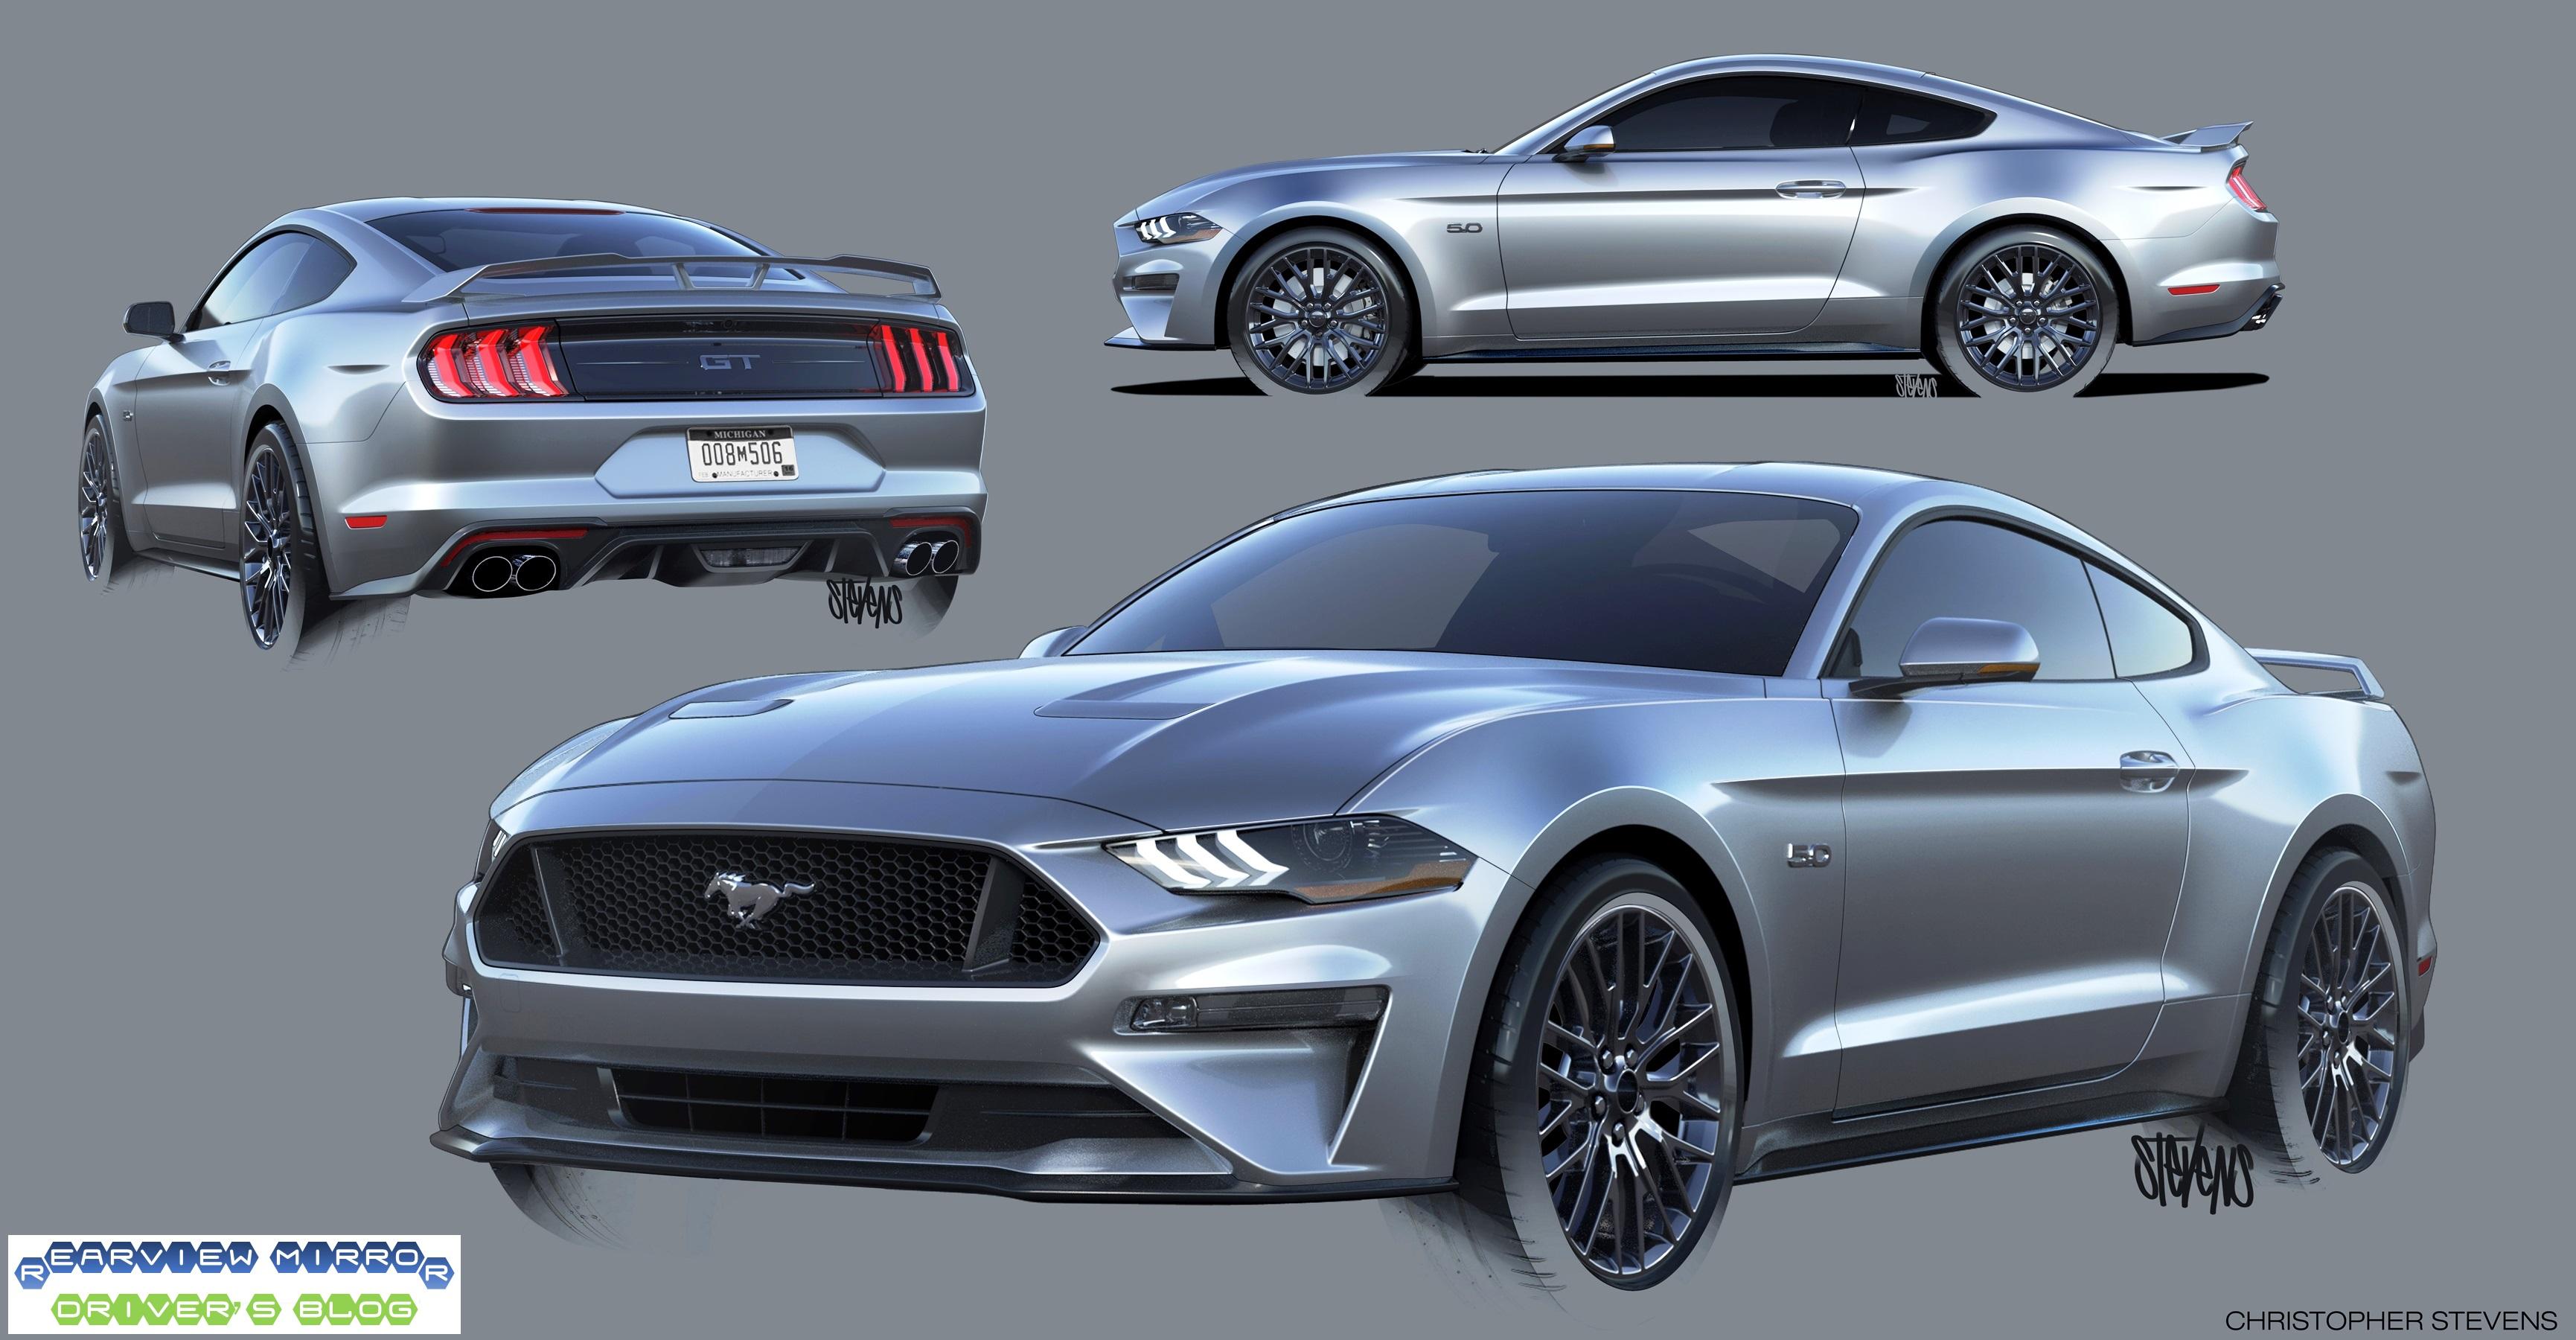 2018-Mustang-design-sketch-05_sx_RVM.jpg